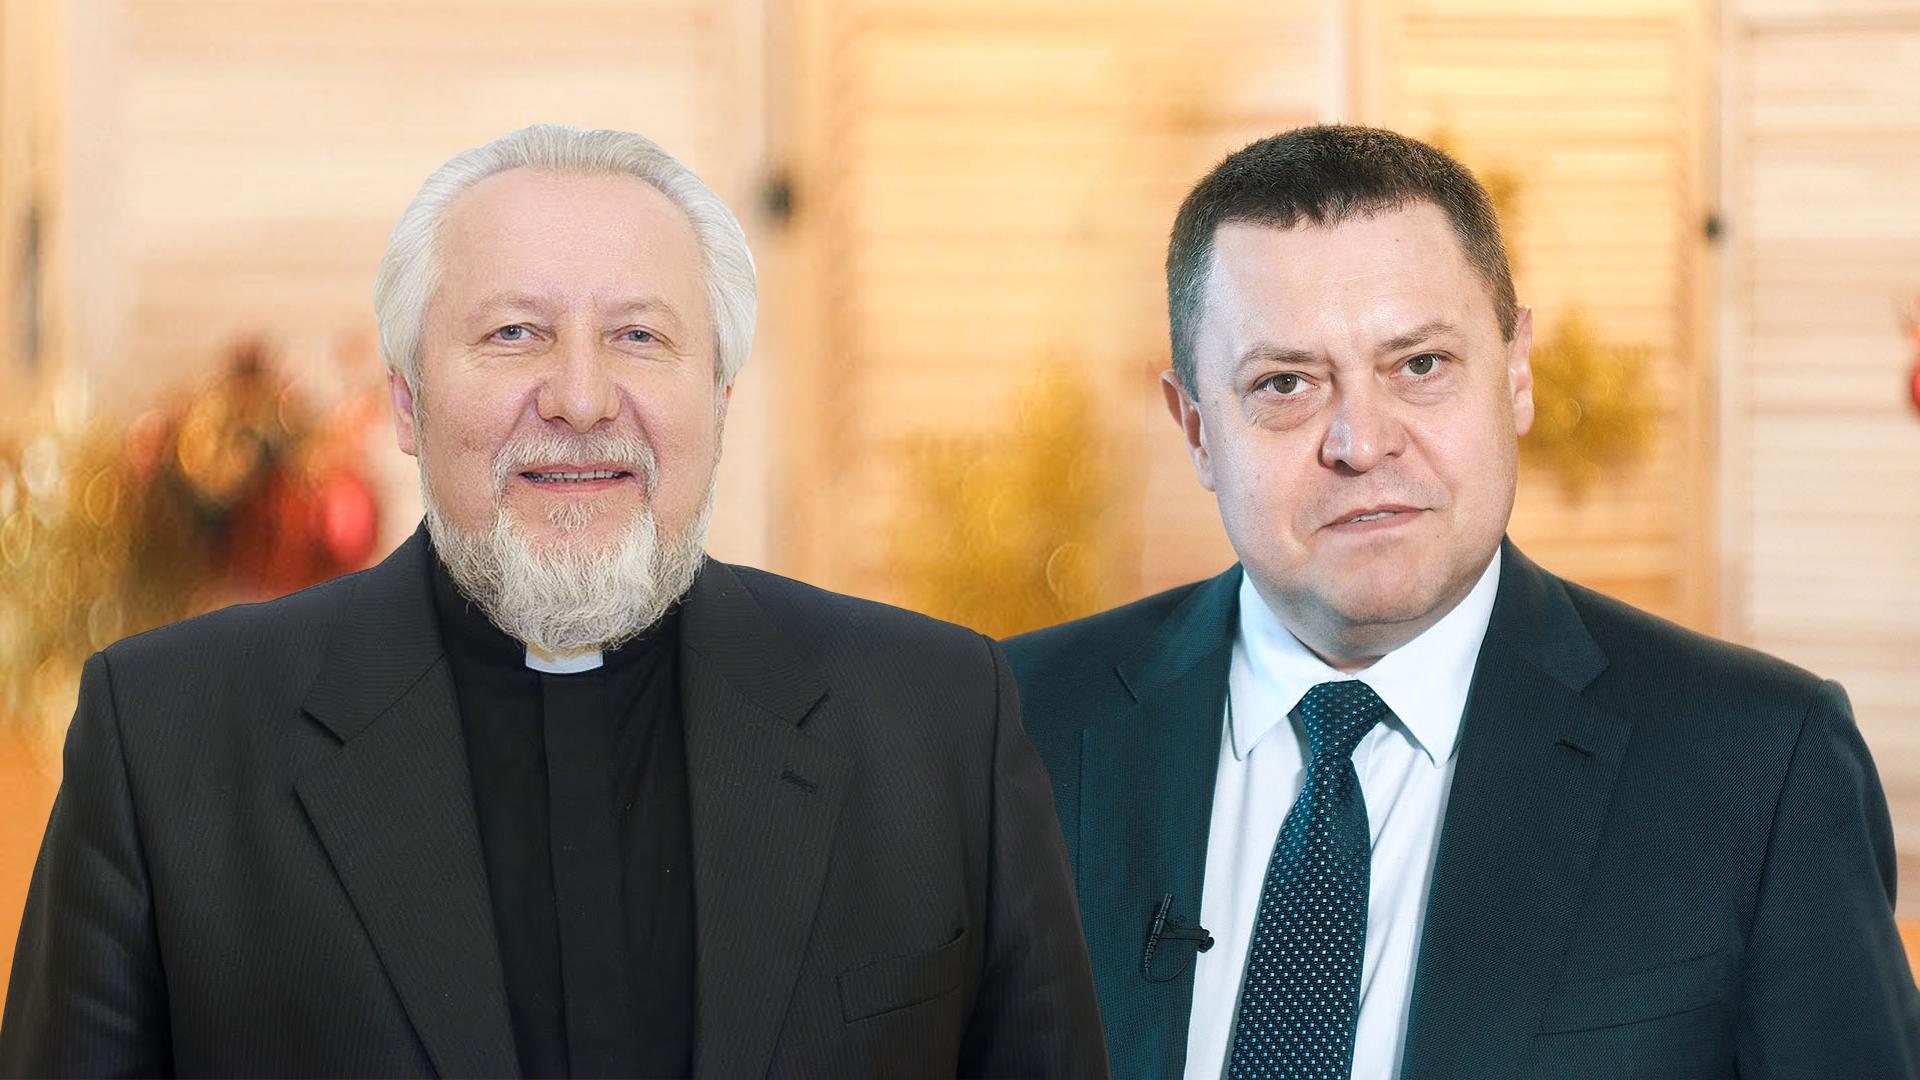 Совместное рождественское поздравление глав  Российской Церкви христиан веры евангельской и  Российского объединенного Союза христиан веры евангельской (пятидесятников)